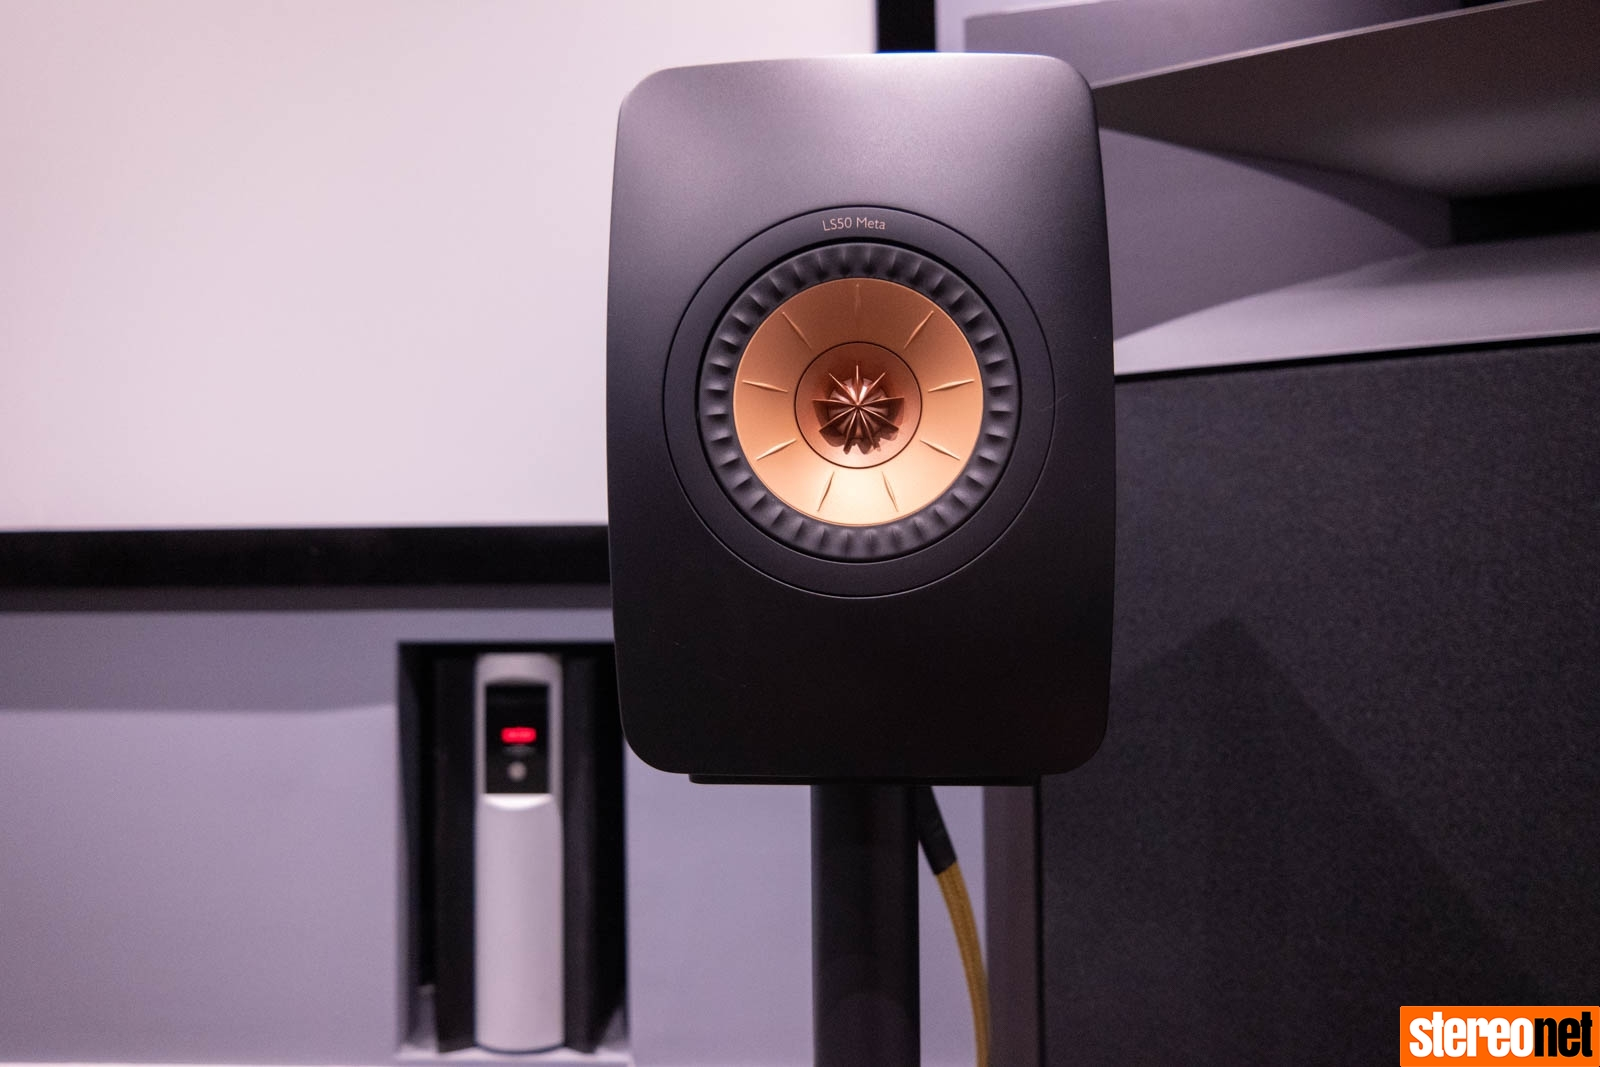 KEF LS50 Meta állványos hangsugárzó teszt a Stereonet oldalán